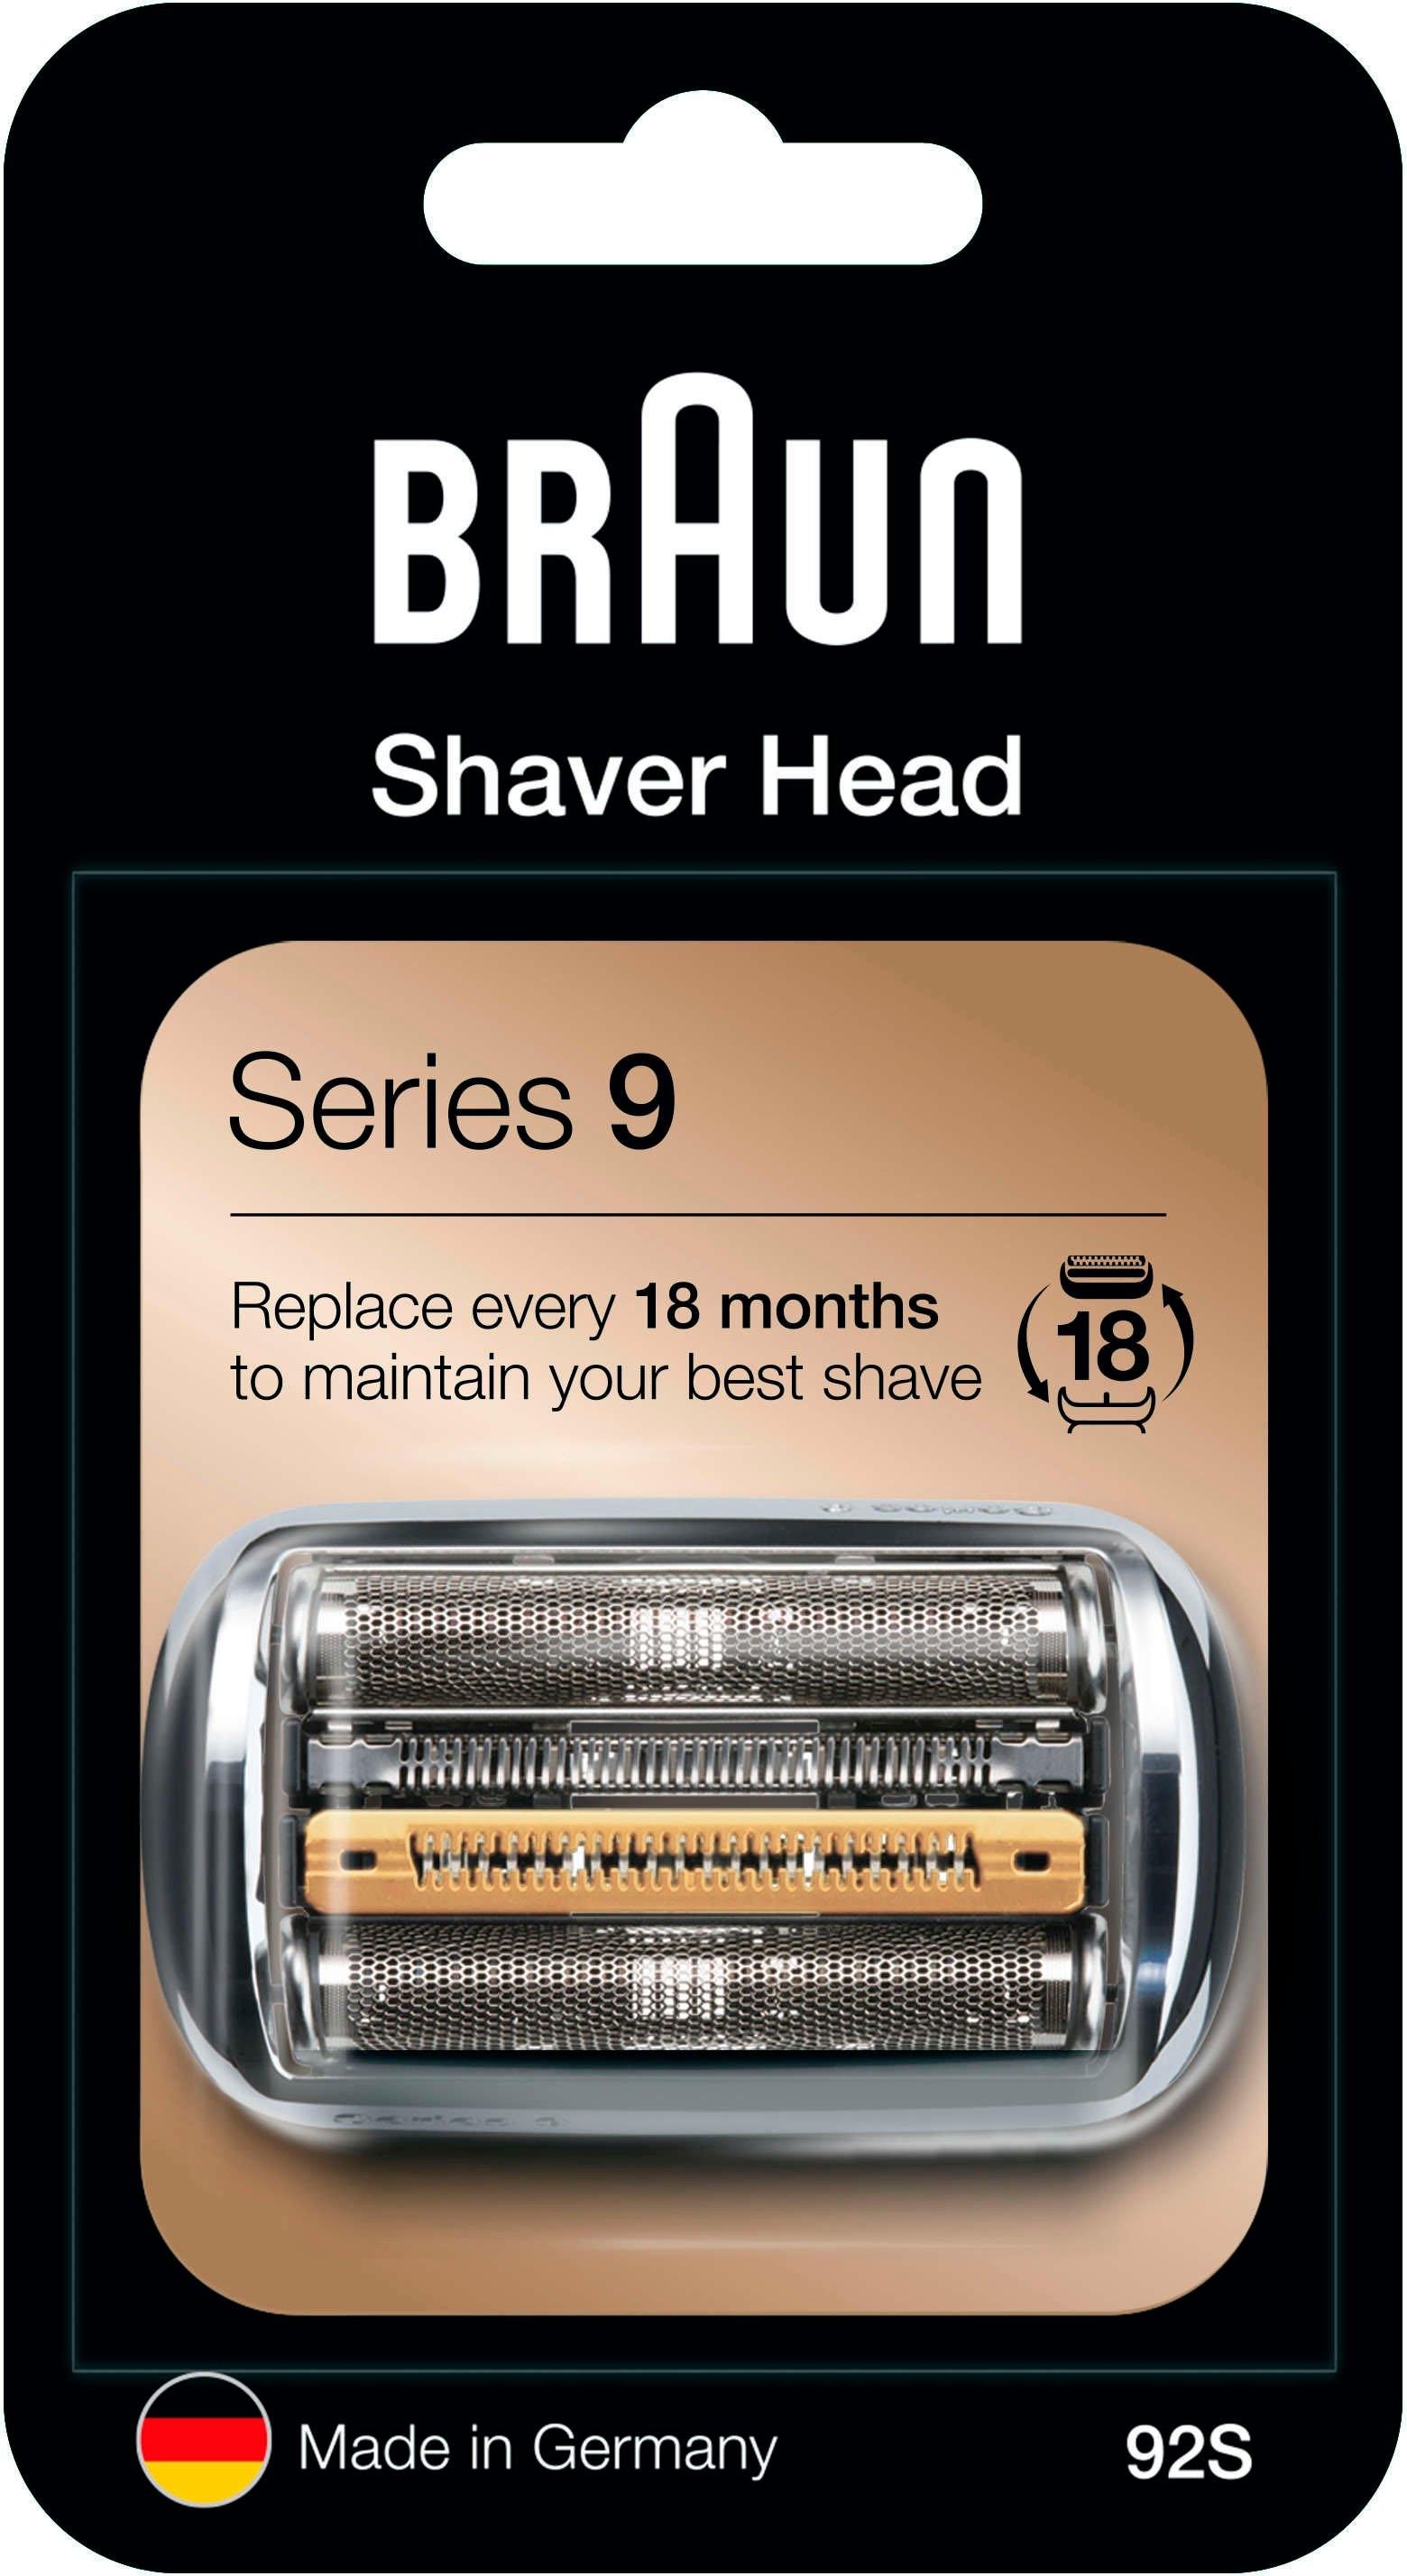 Braun reserveonderdeel 92 S, zilver, compatibel met Series 9 scheerapparaten voordelig en veilig online kopen